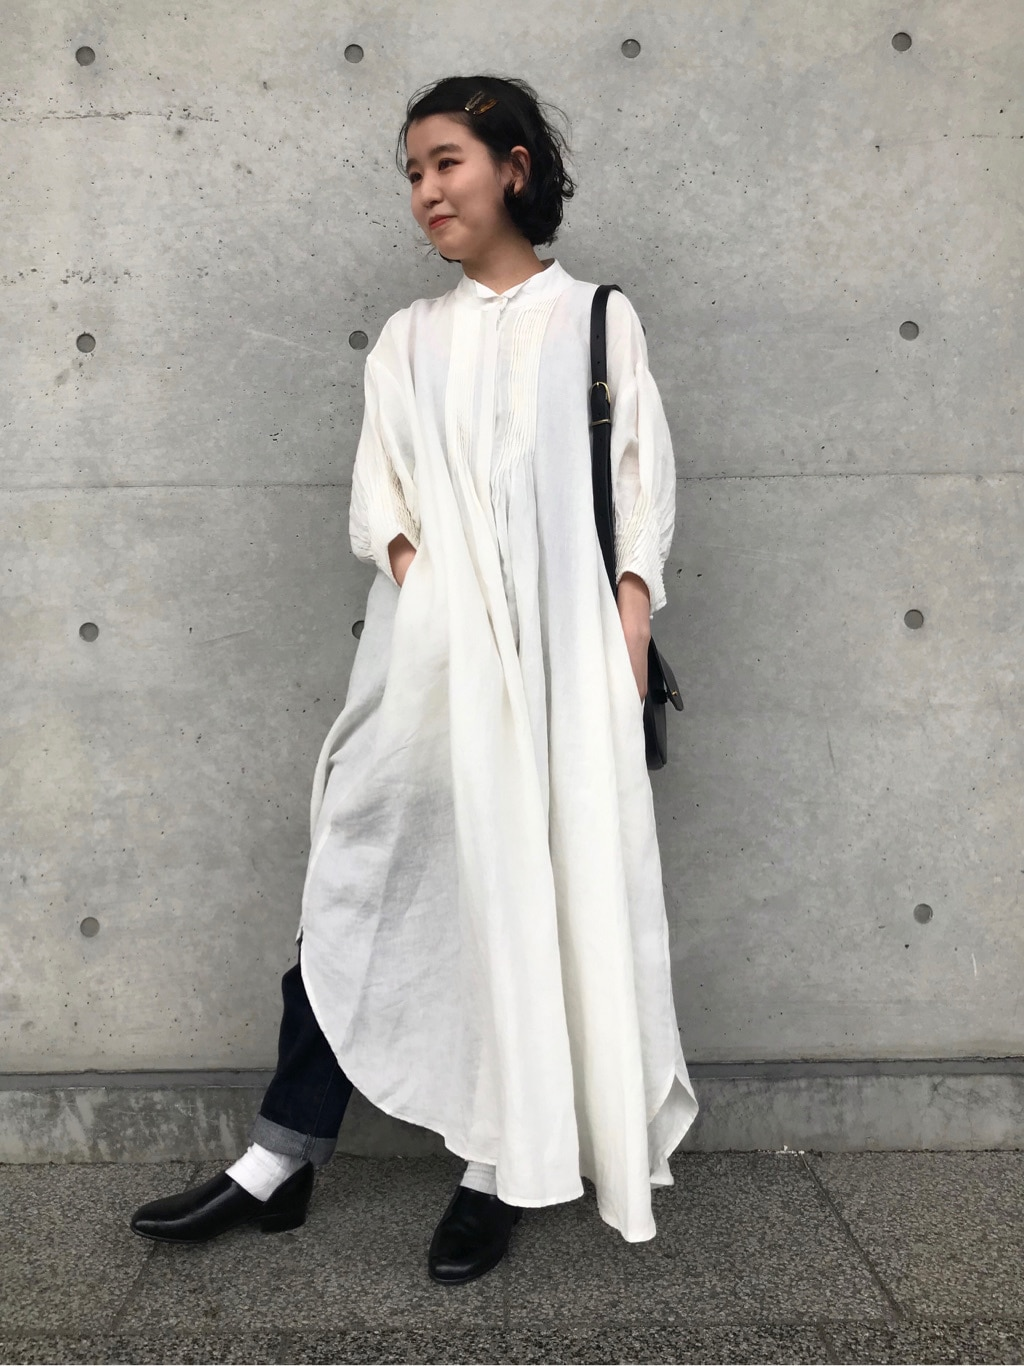 l'atelier du savon 東京スカイツリータウン・ソラマチ 身長:152cm 2020.06.15